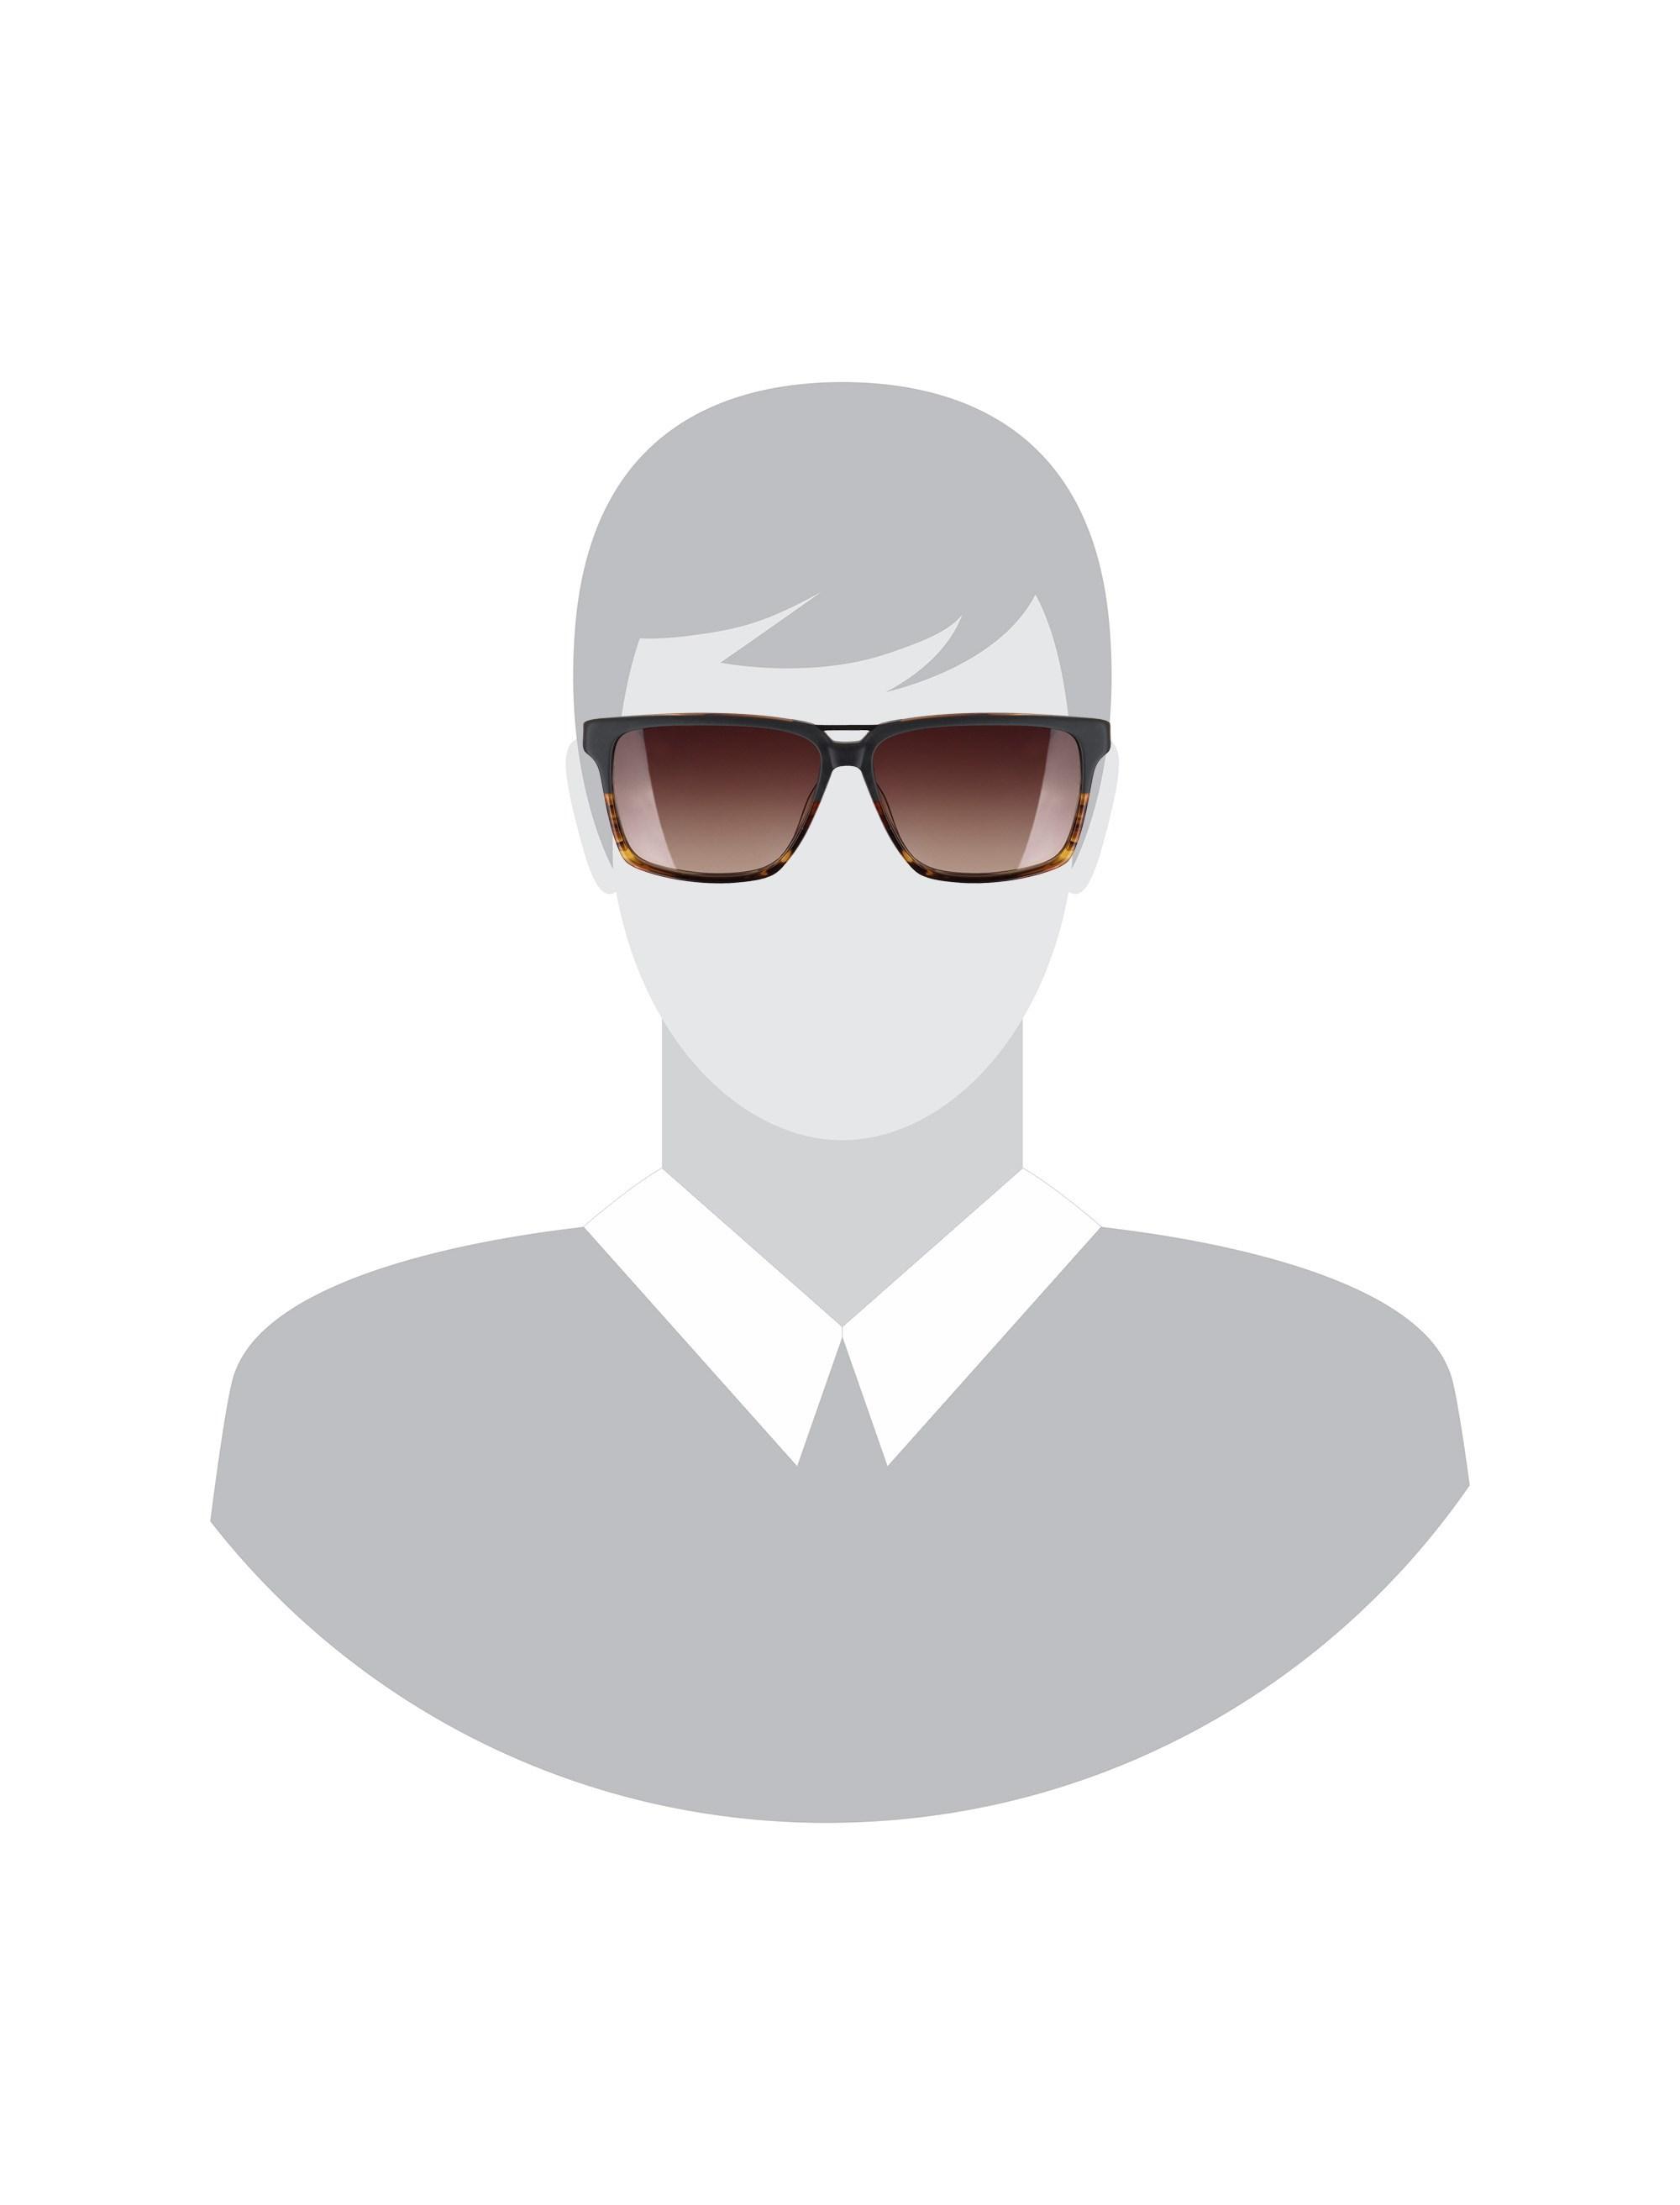 عینک آفتابی ویفرر مردانه - اسپاین - طوسي و قهوه اي - 6